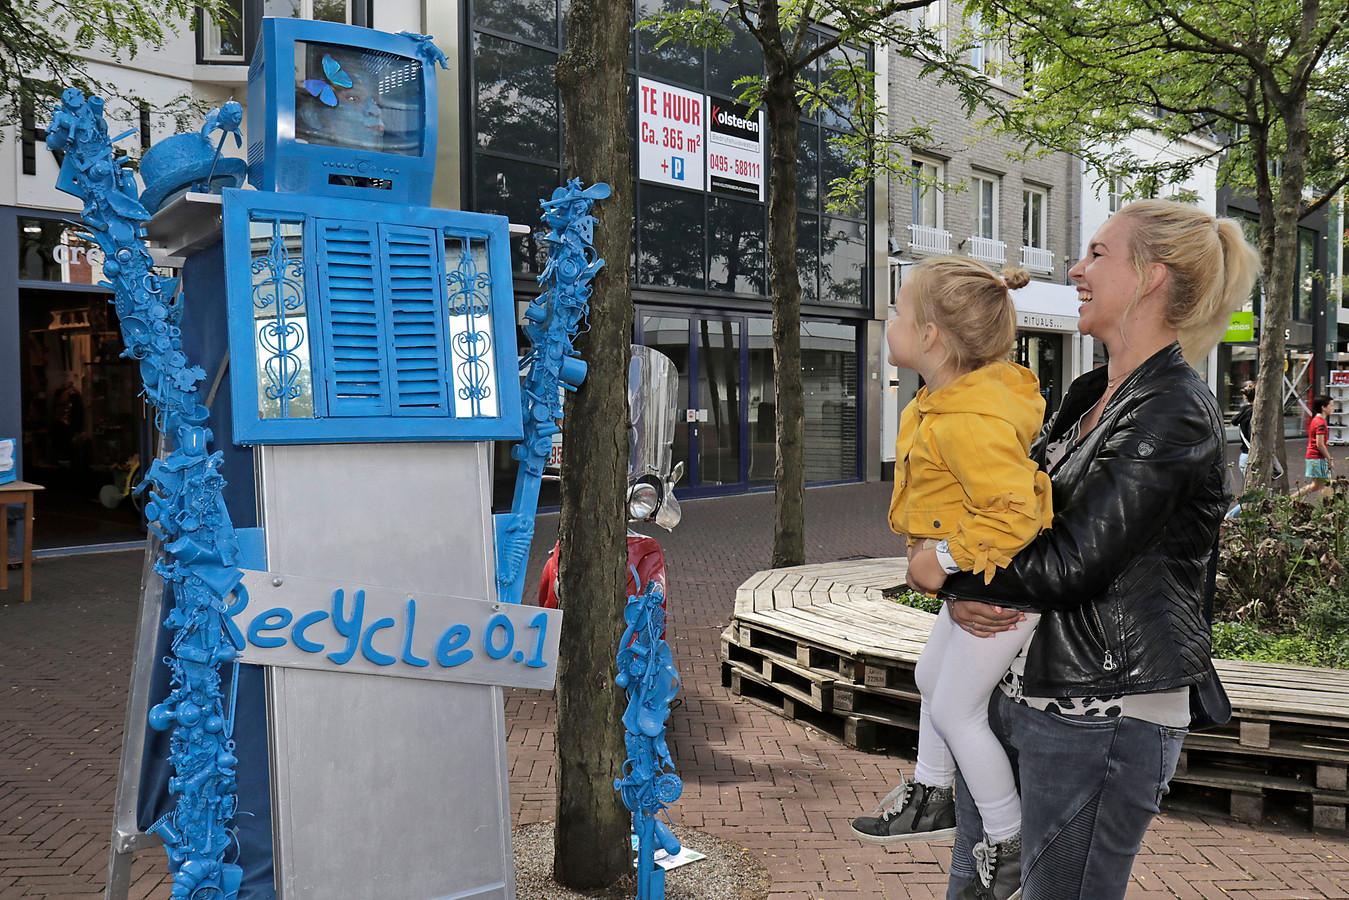 Alleen het gezicht van Leo Dirks is te ontwaren in zijn 'recycle 0.1 act'. ,,Ik entertain mensen met mijn ogen.''